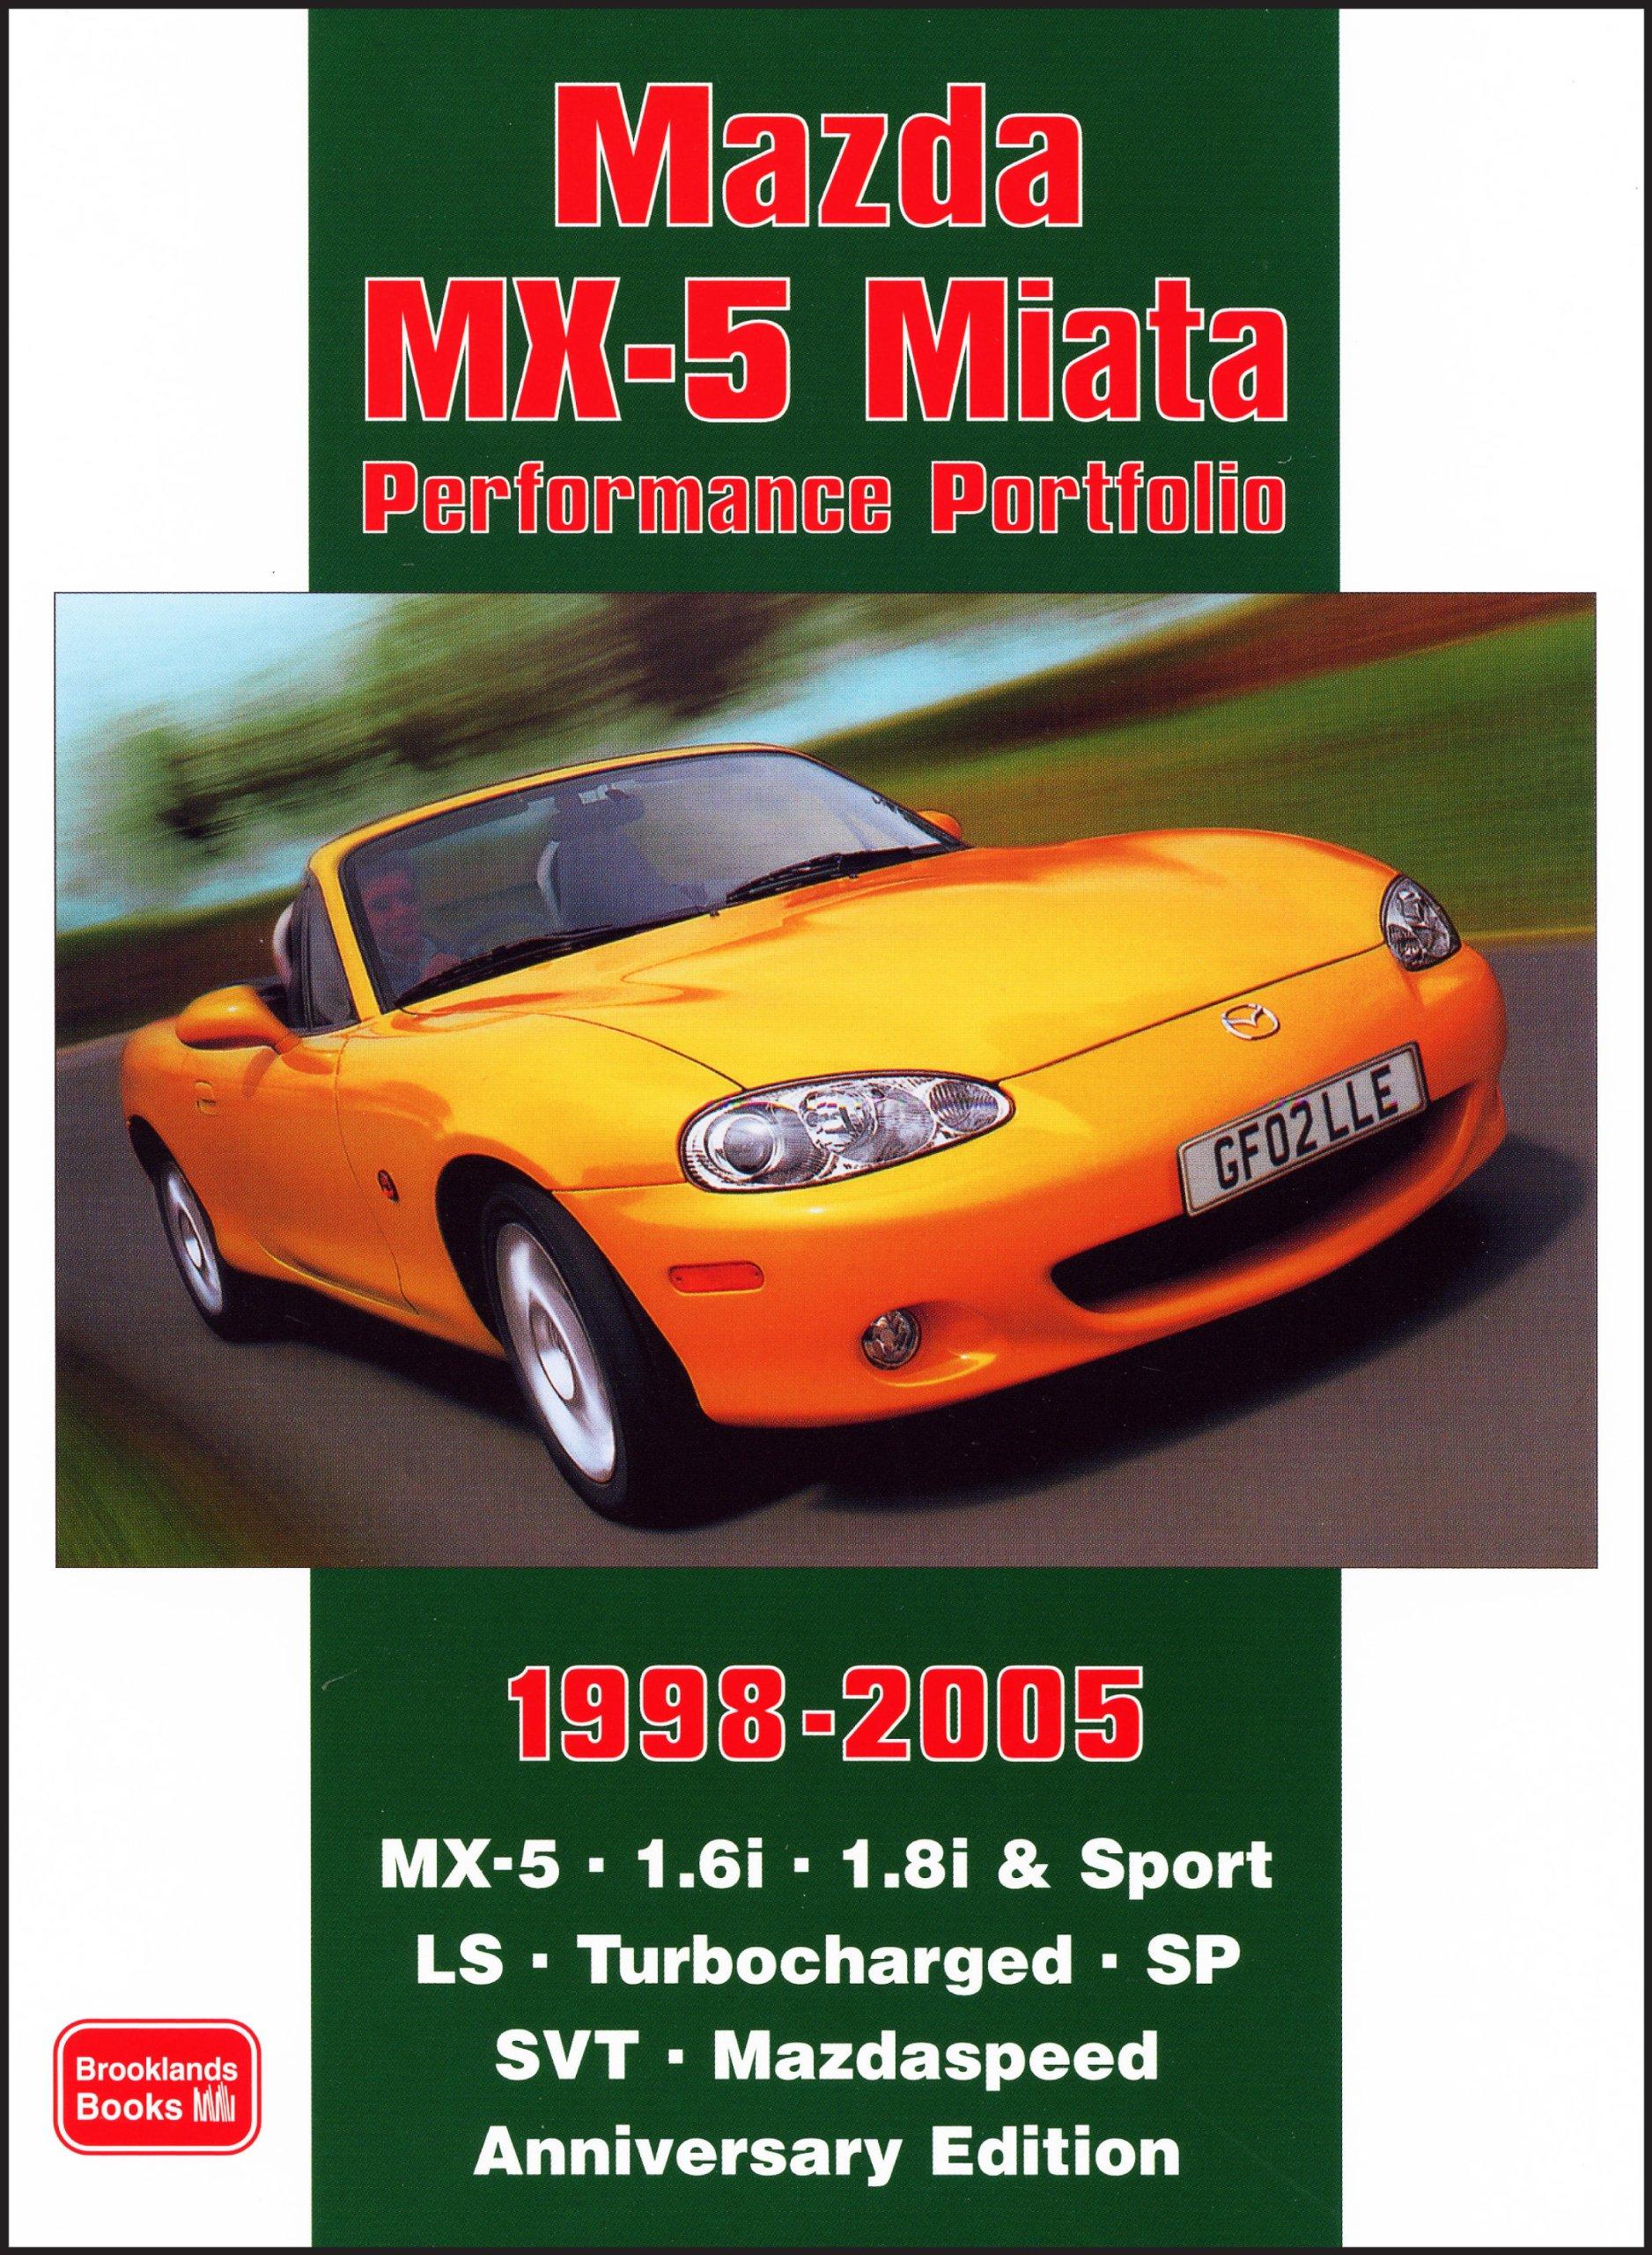 Mazda MX-5 Miata Performance Portfolio 1998-2005: Amazon.es: R. M. Clarke: Libros en idiomas extranjeros